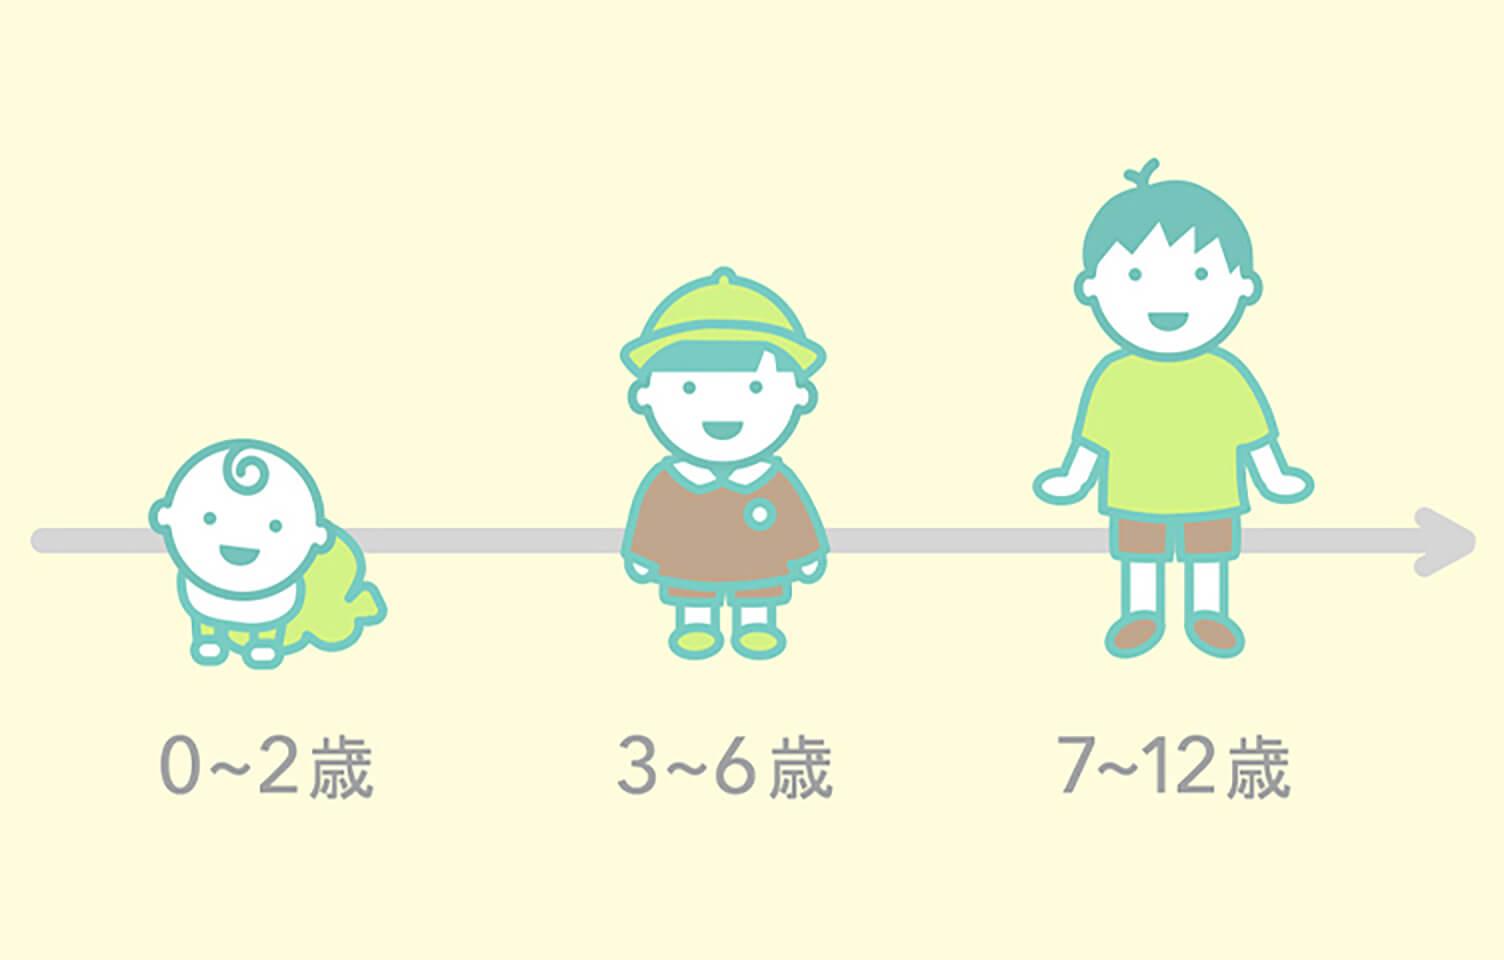 「子どもは段階的に成長していく」のイメージ